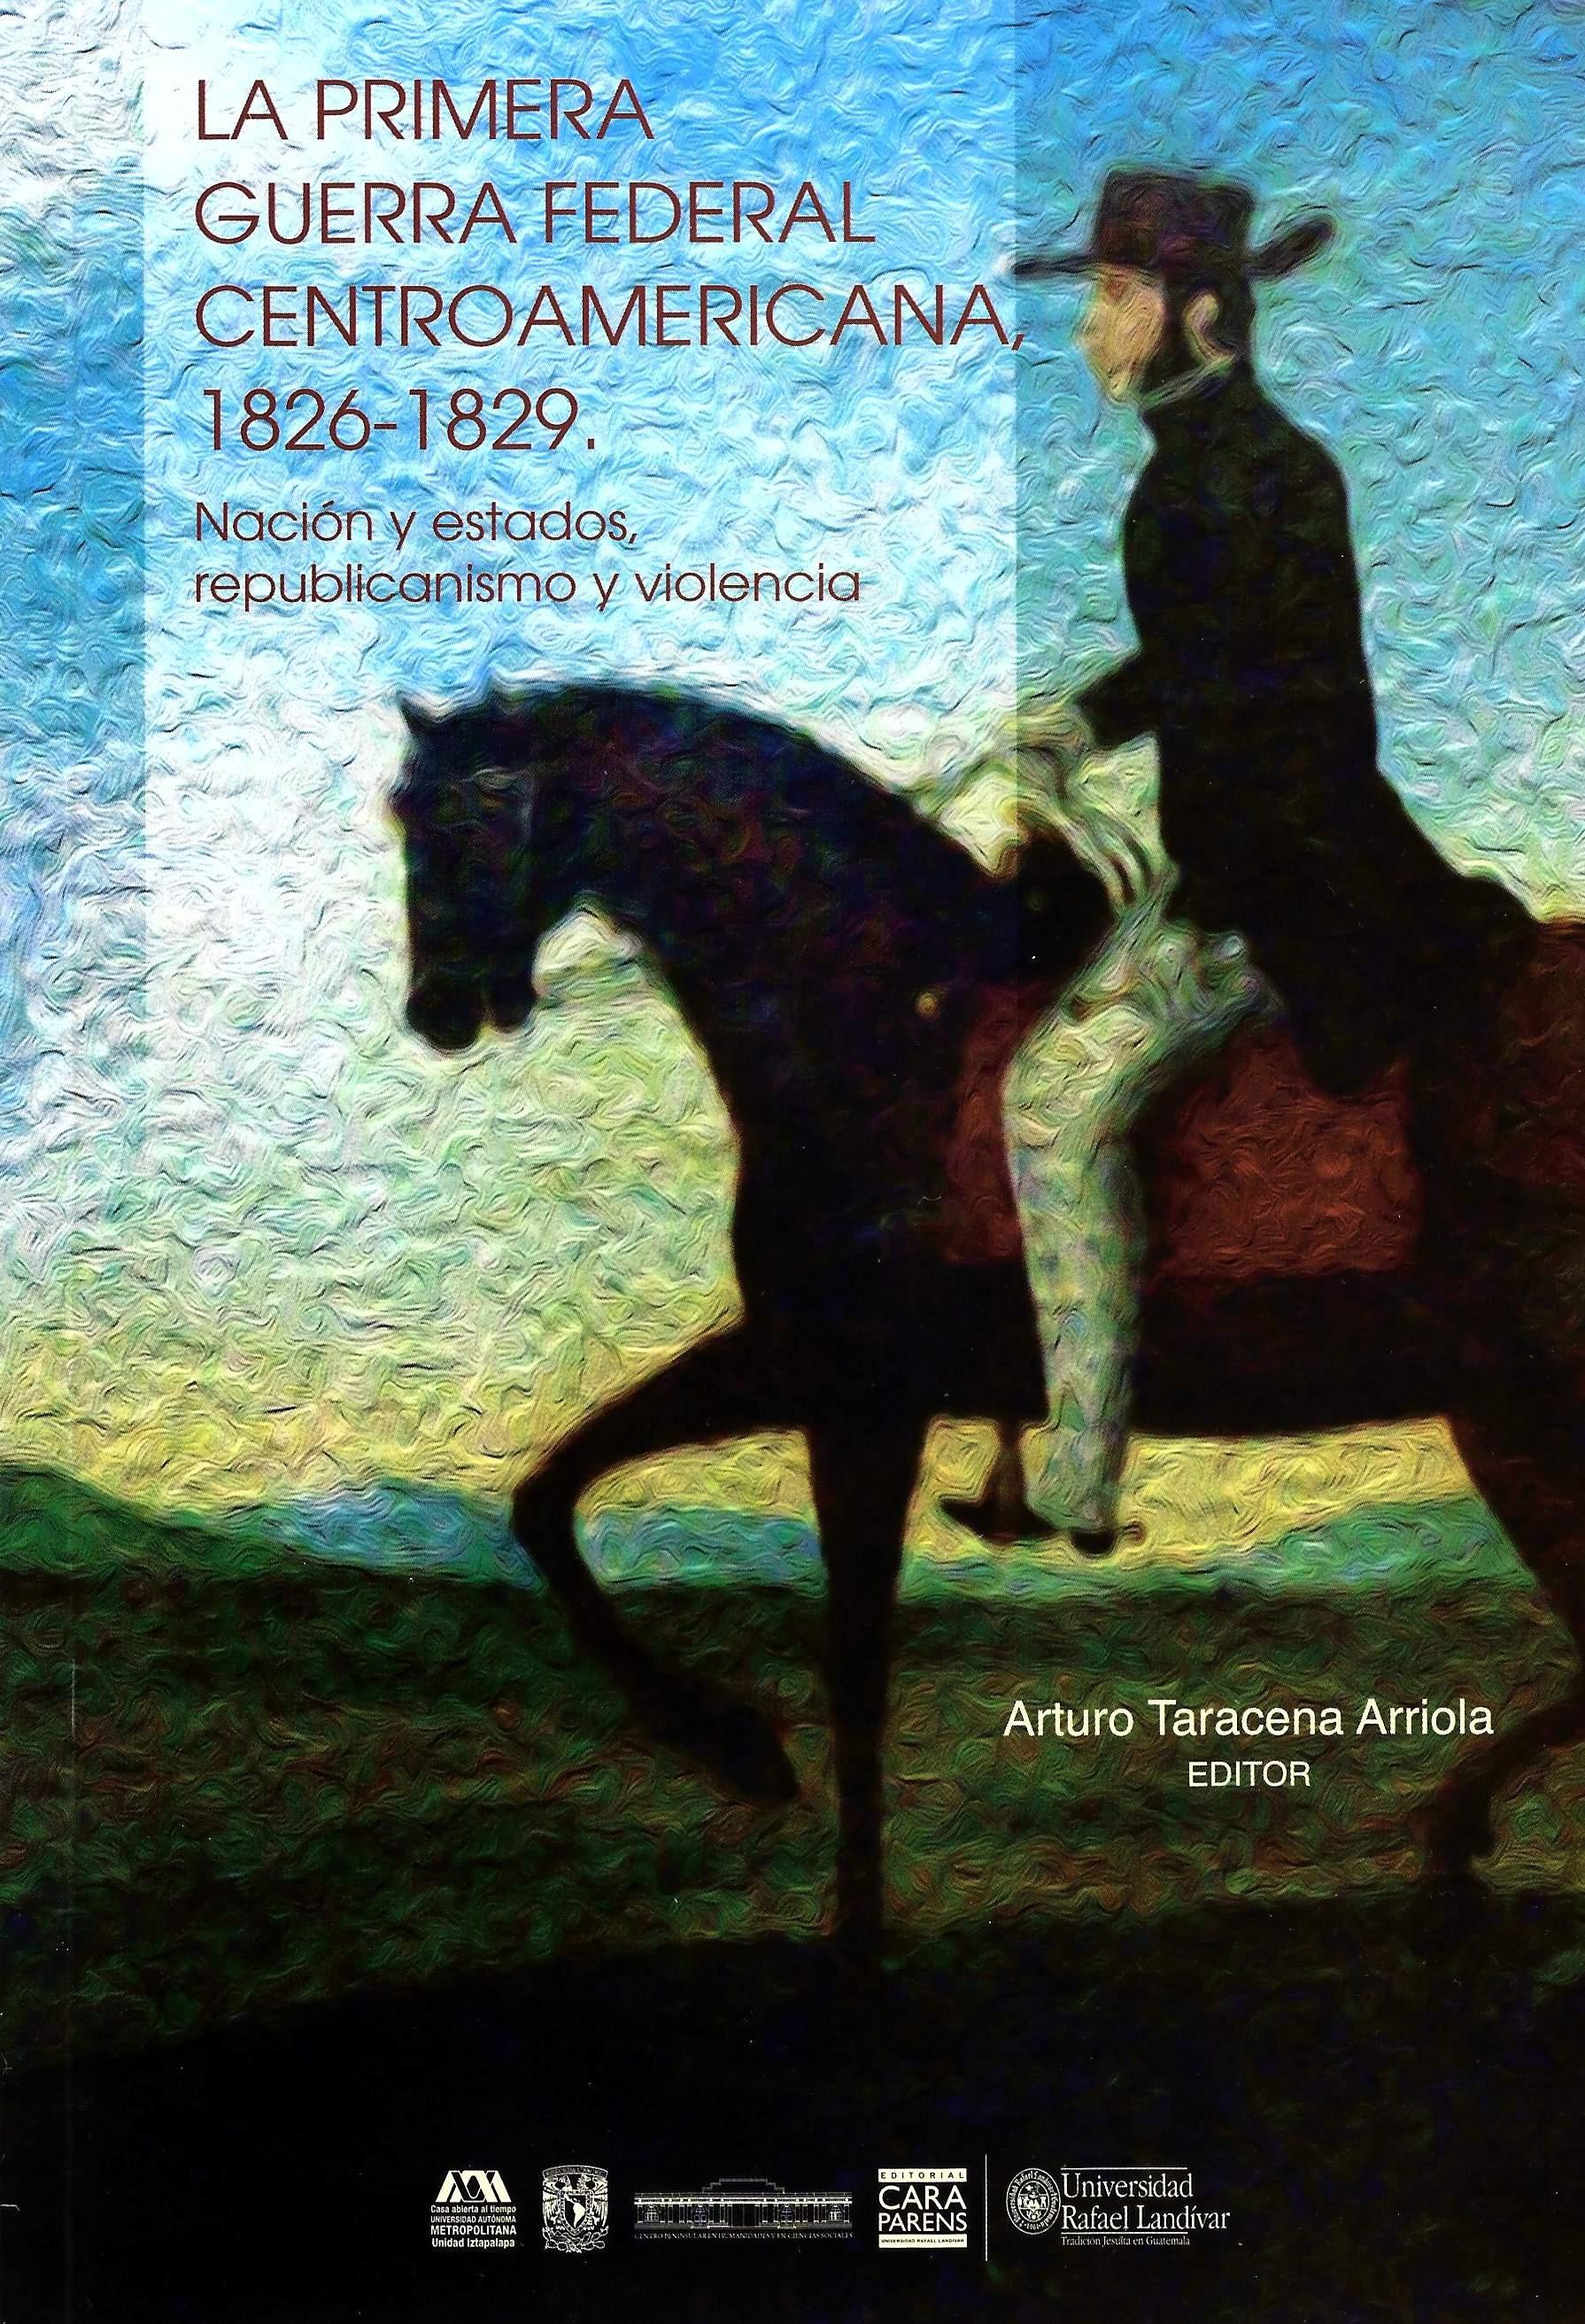 La primera Guerra Federal centroamericana, 1826–1829: nación y estados, republicanismo y violencia